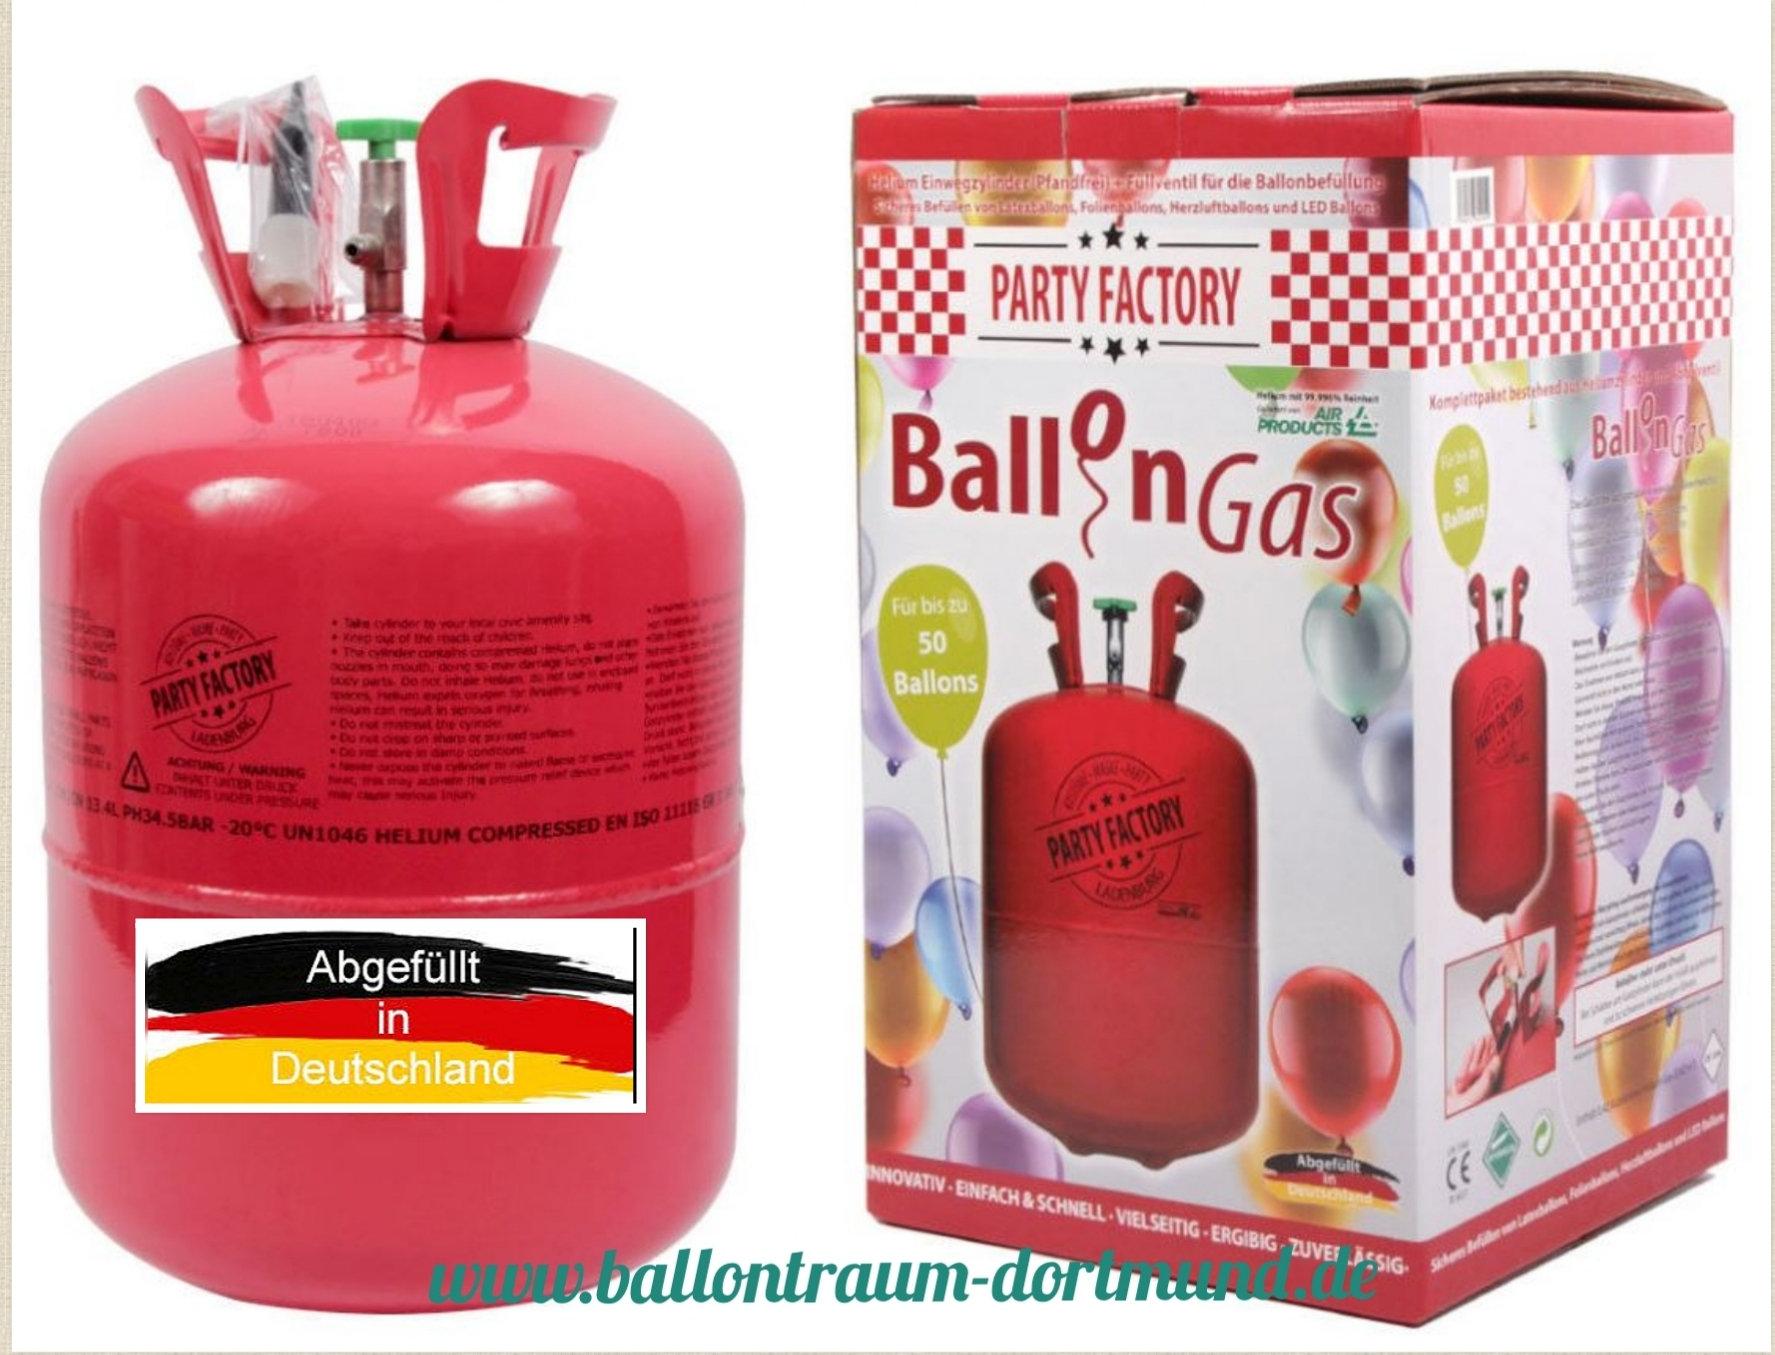 Helium / Ballongas Einwegflasche 50er / 0,42qm Ballon deutsche Abfüllung